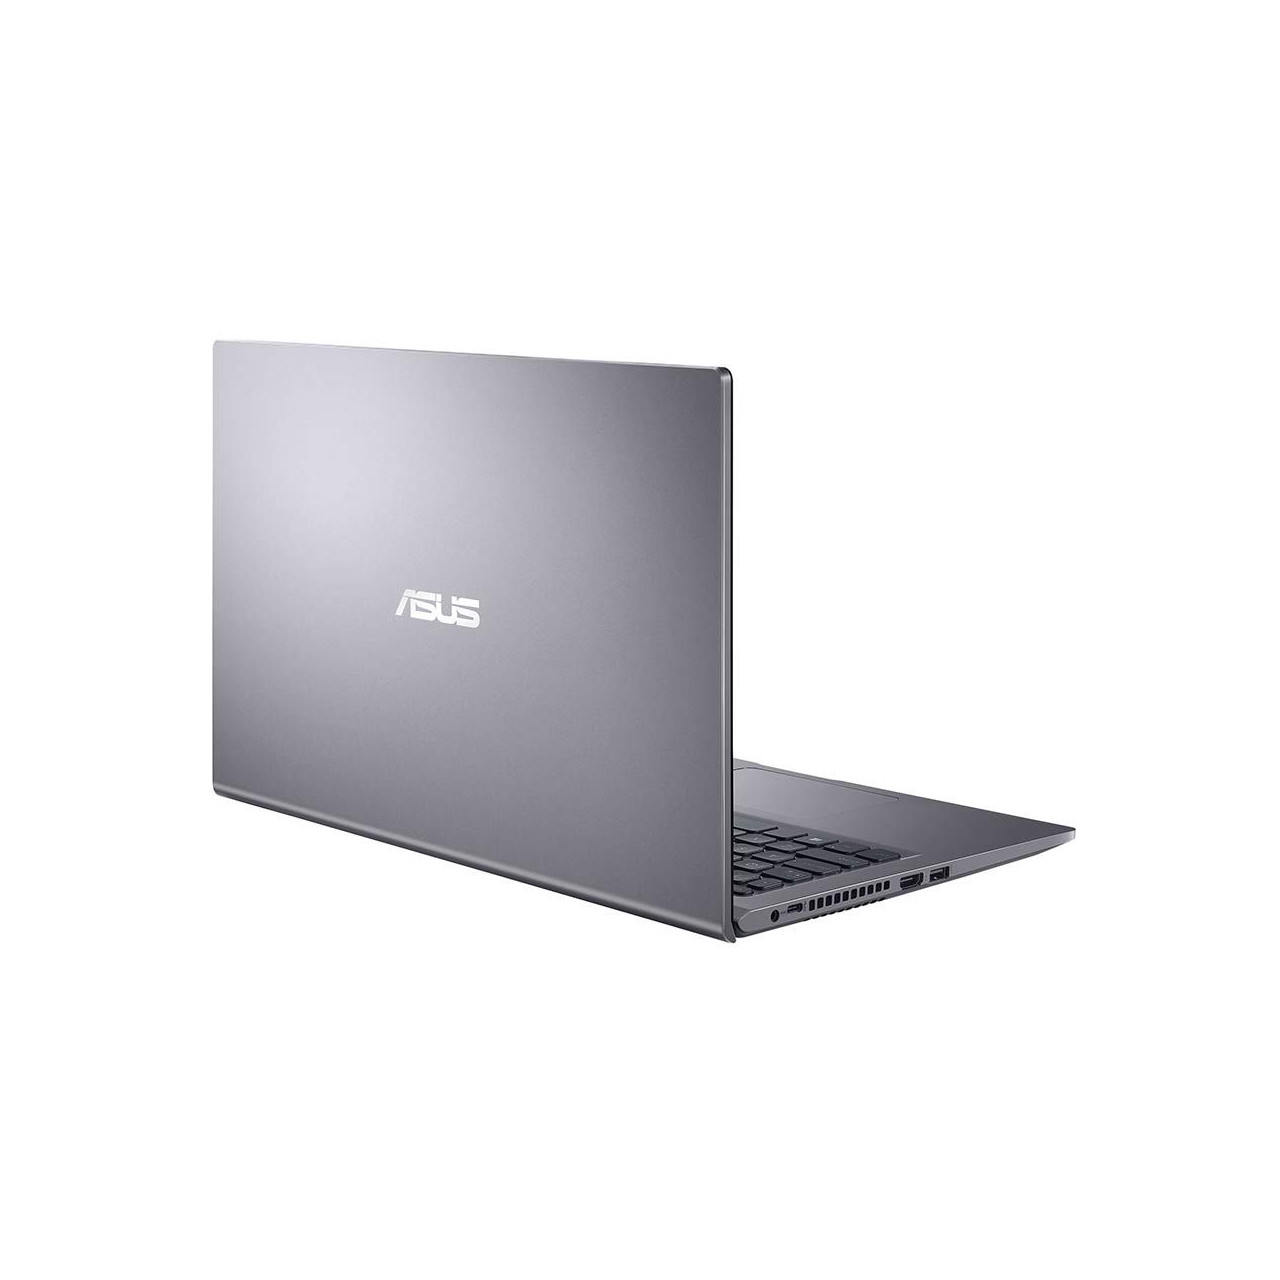 ASUS-X515JA-EJ093T